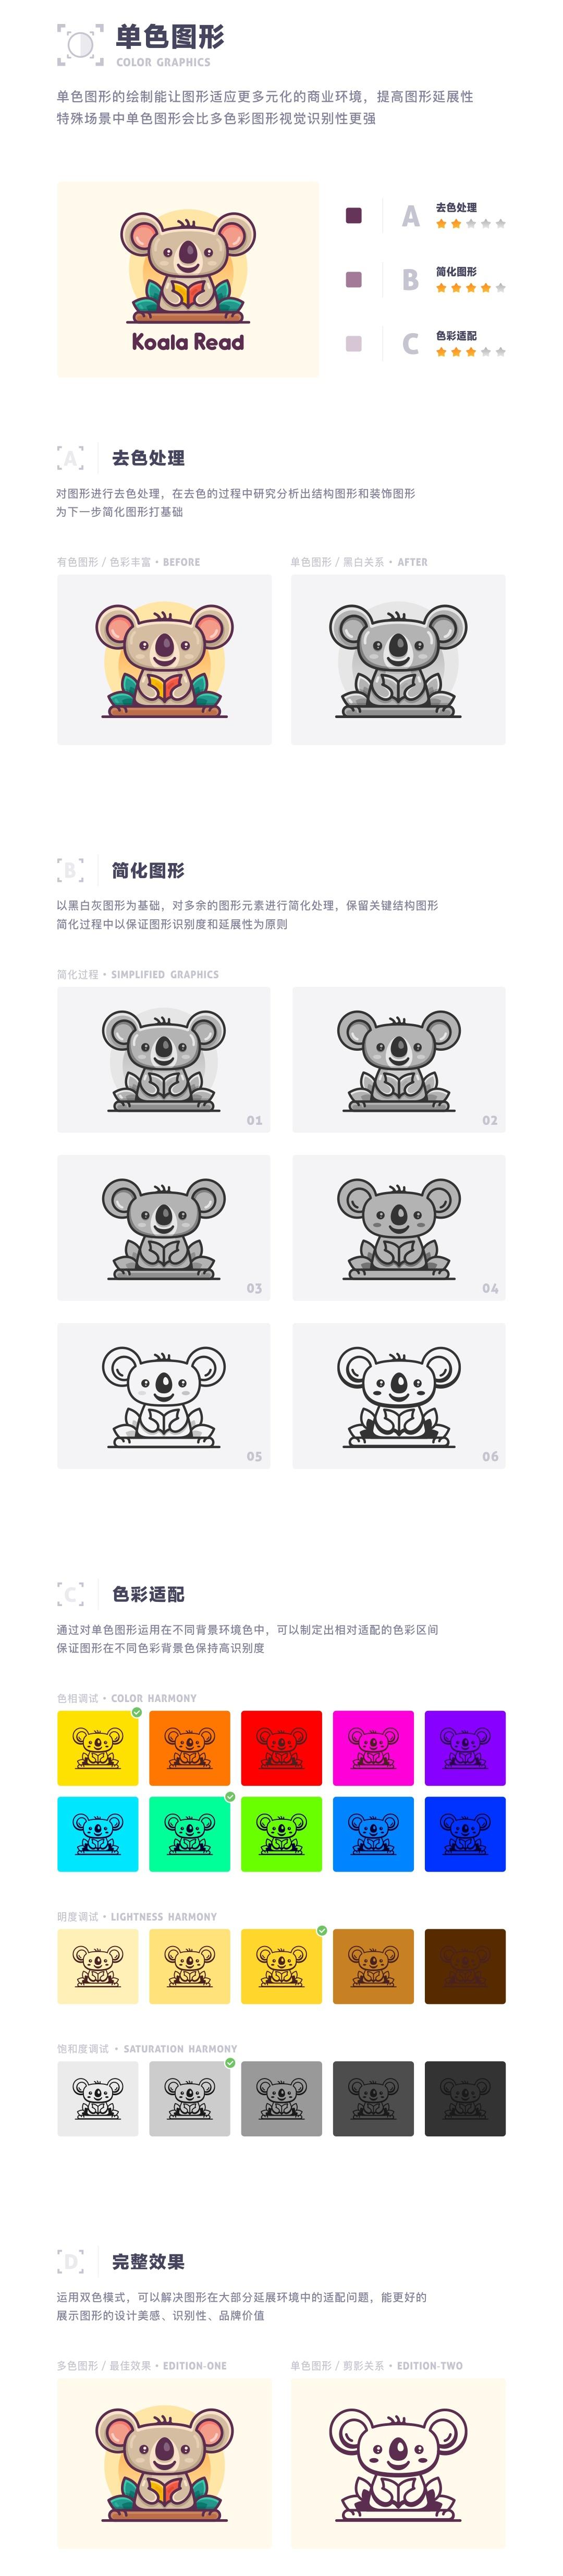 用考拉阅读的LOGO重构案例,帮你学会高手都在用的五维优化设计法则